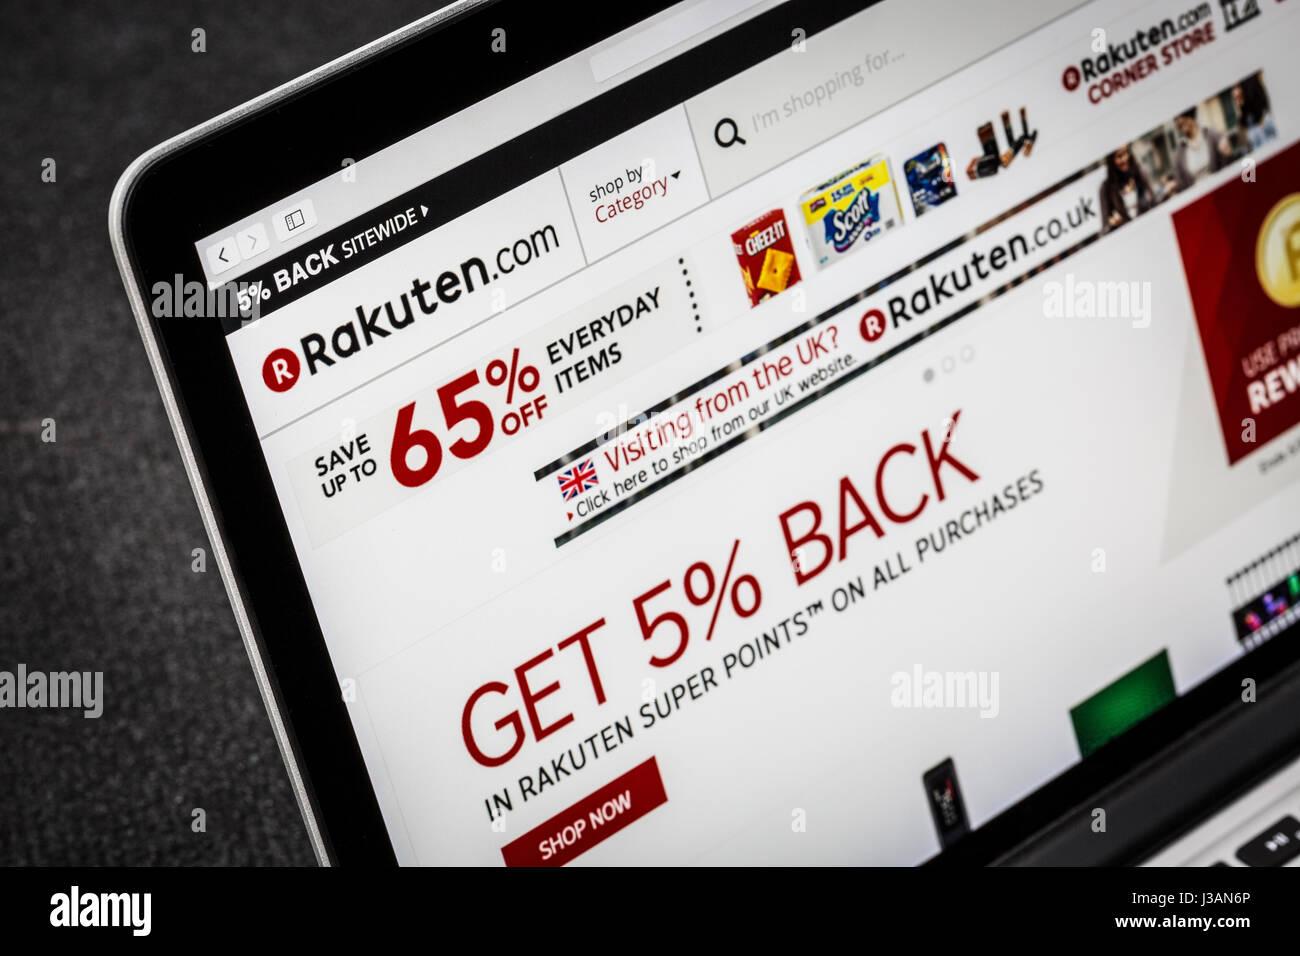 Rakuten.com Rakuten website - Stock Image